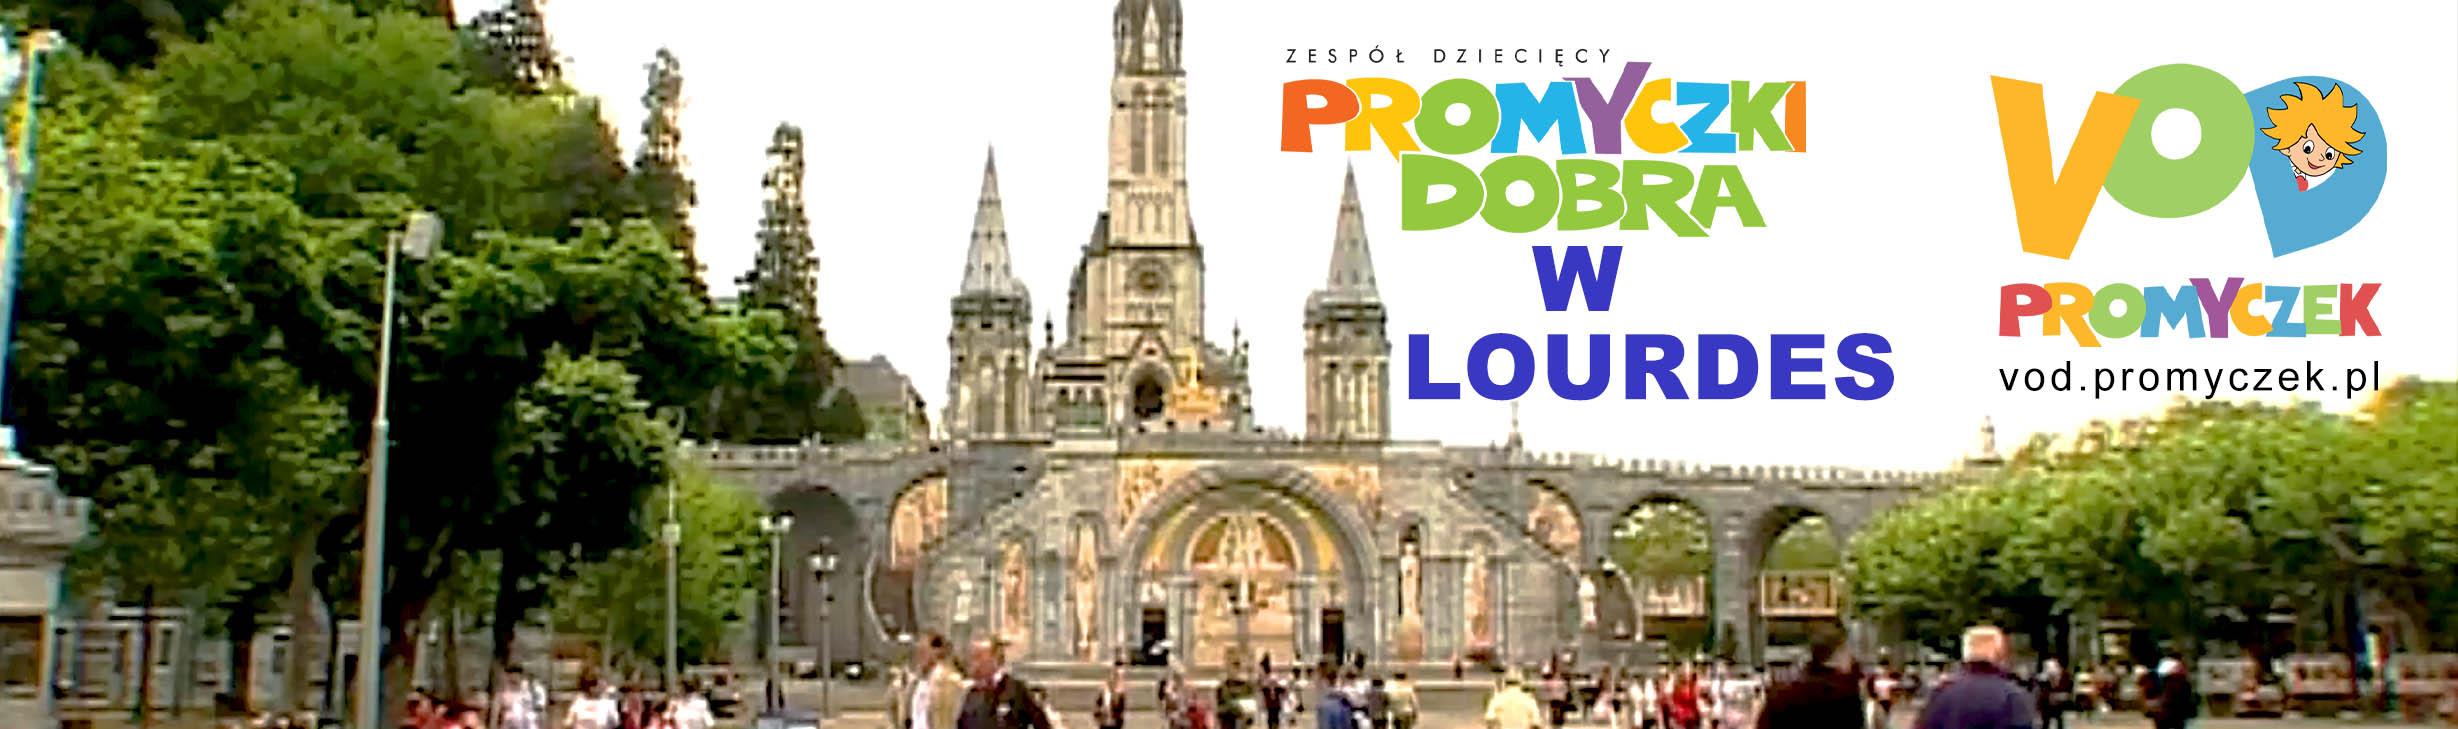 Promyczki Dobra w Lourdes na VOD